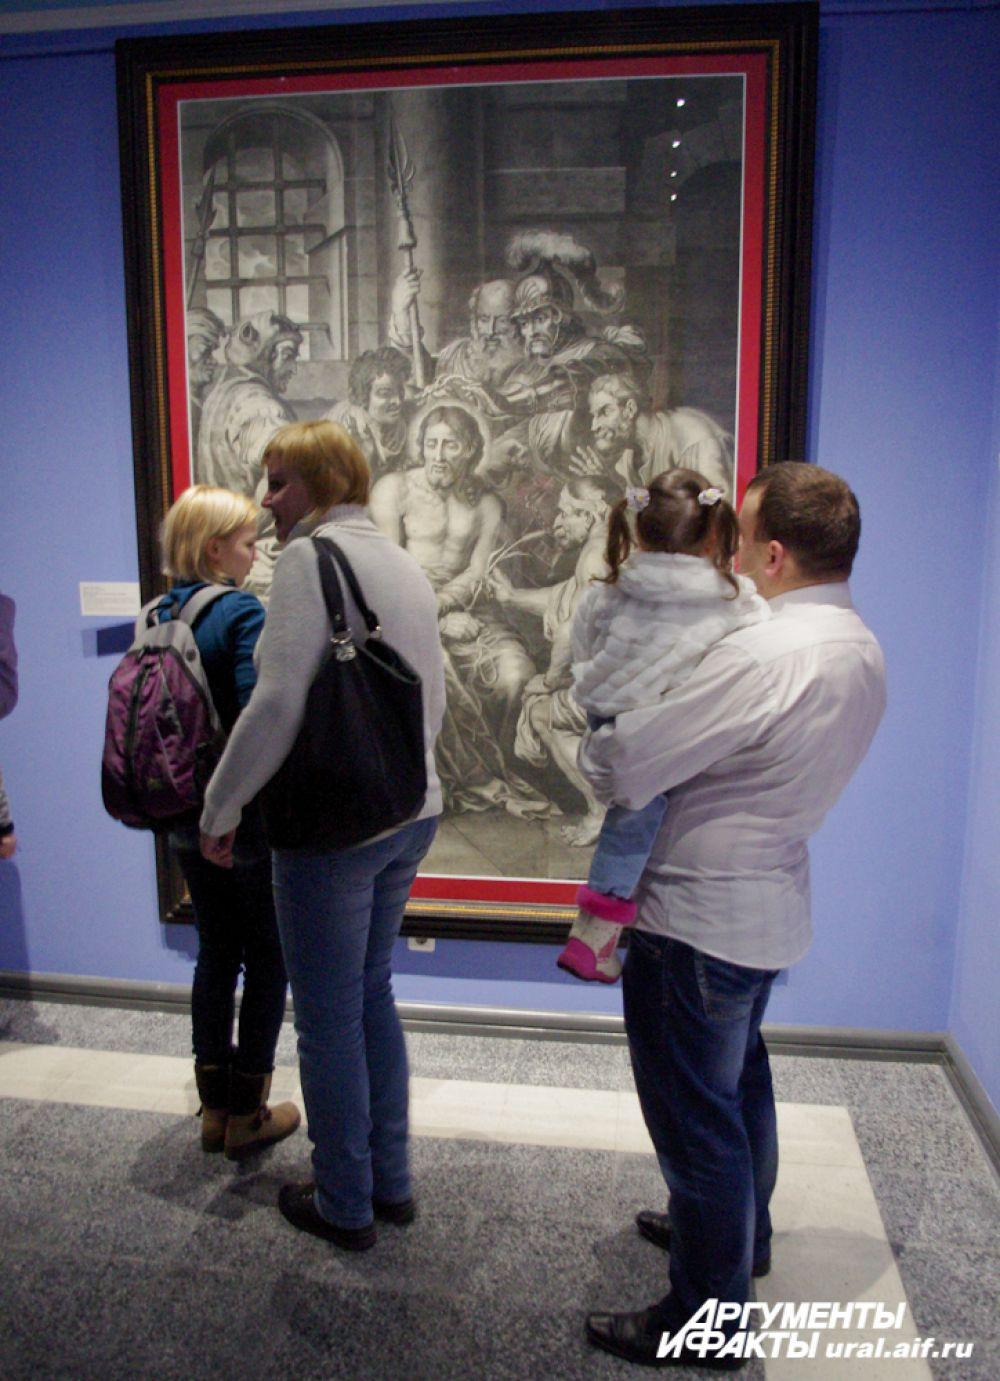 Одна из самых больших работ в мире, выполненных в технике гравюры.